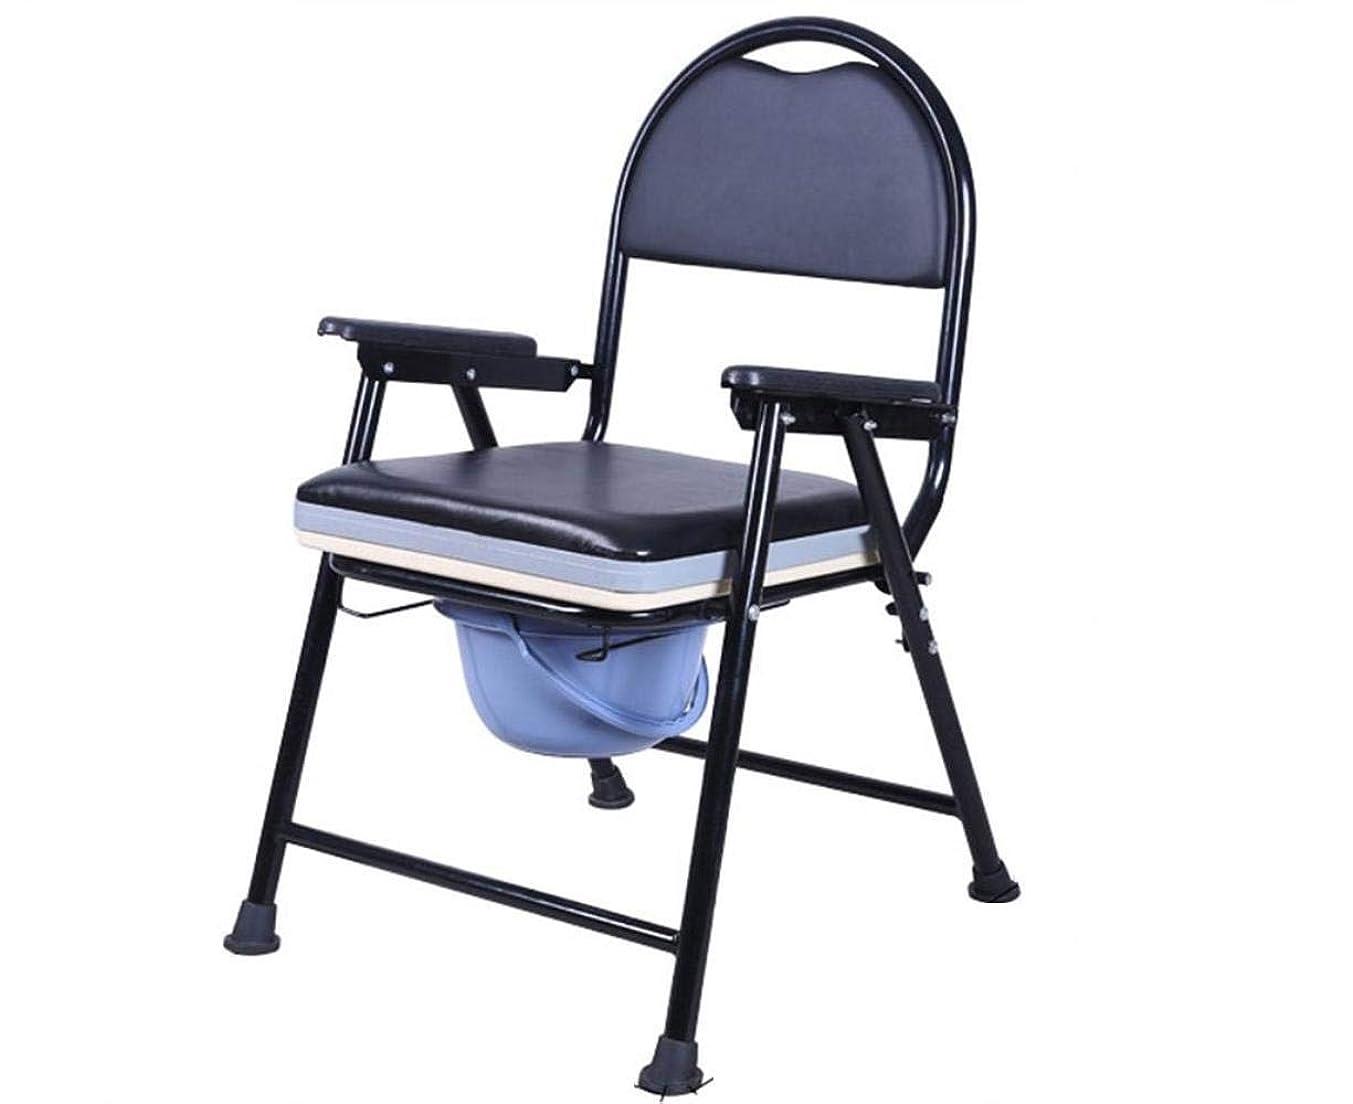 亜熱帯説教する商品折りたたみ式mode椅子とトイレサラウンド、軽量、丈夫、シンプル、高齢者高齢者向けのバスルームサポート、無効